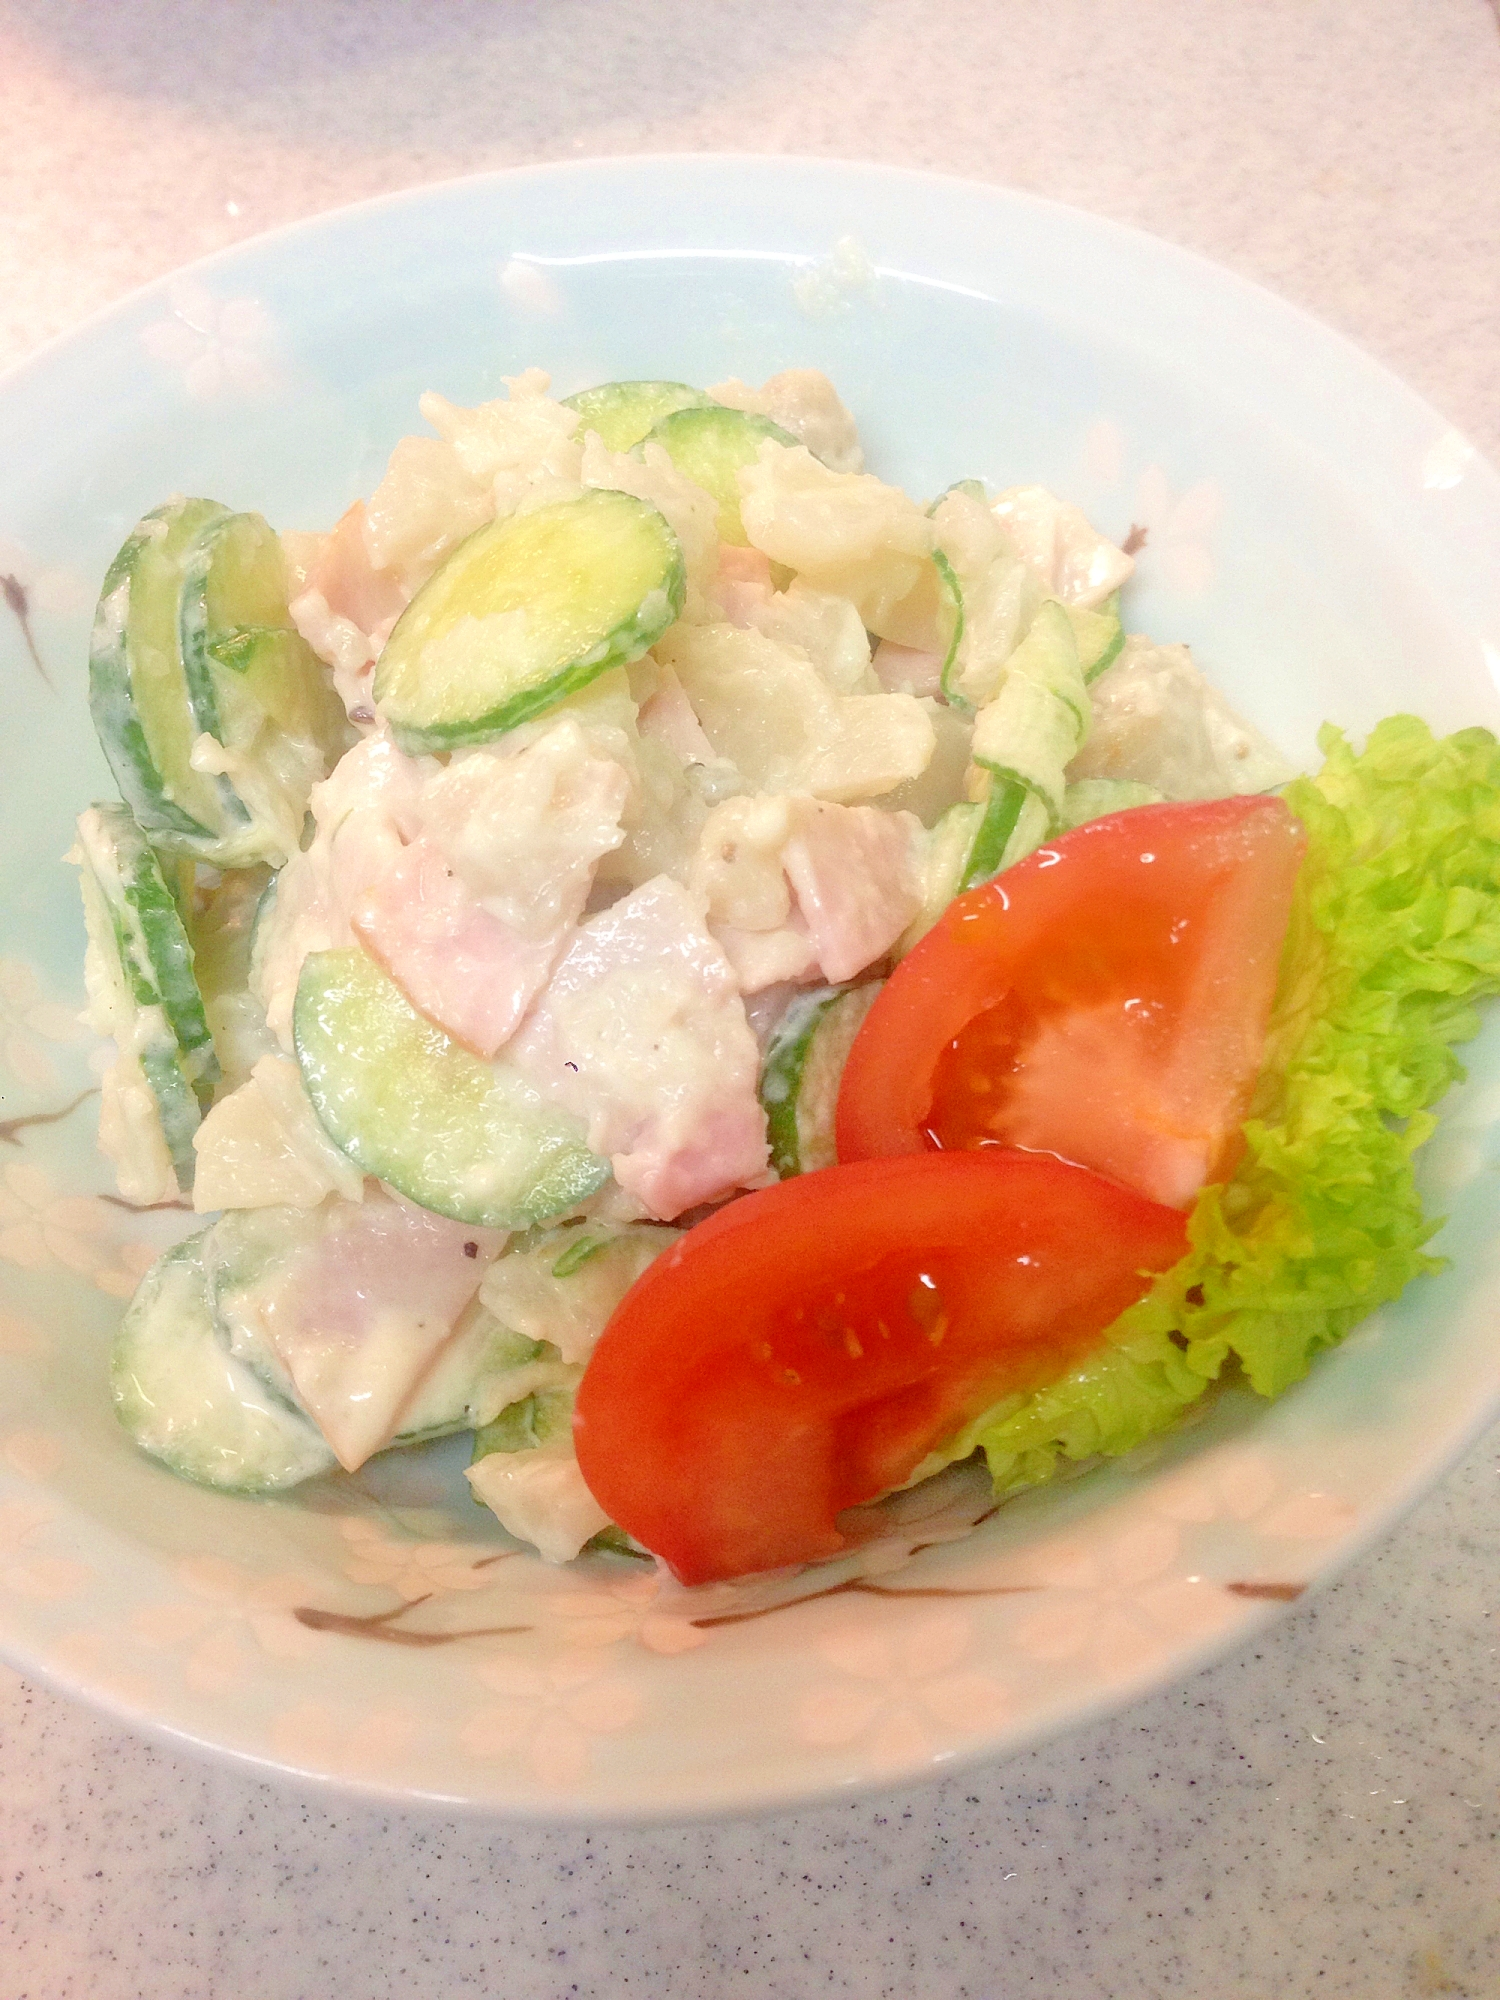 菊芋サラダ (ポテトサラダ風) レシピ・作り方